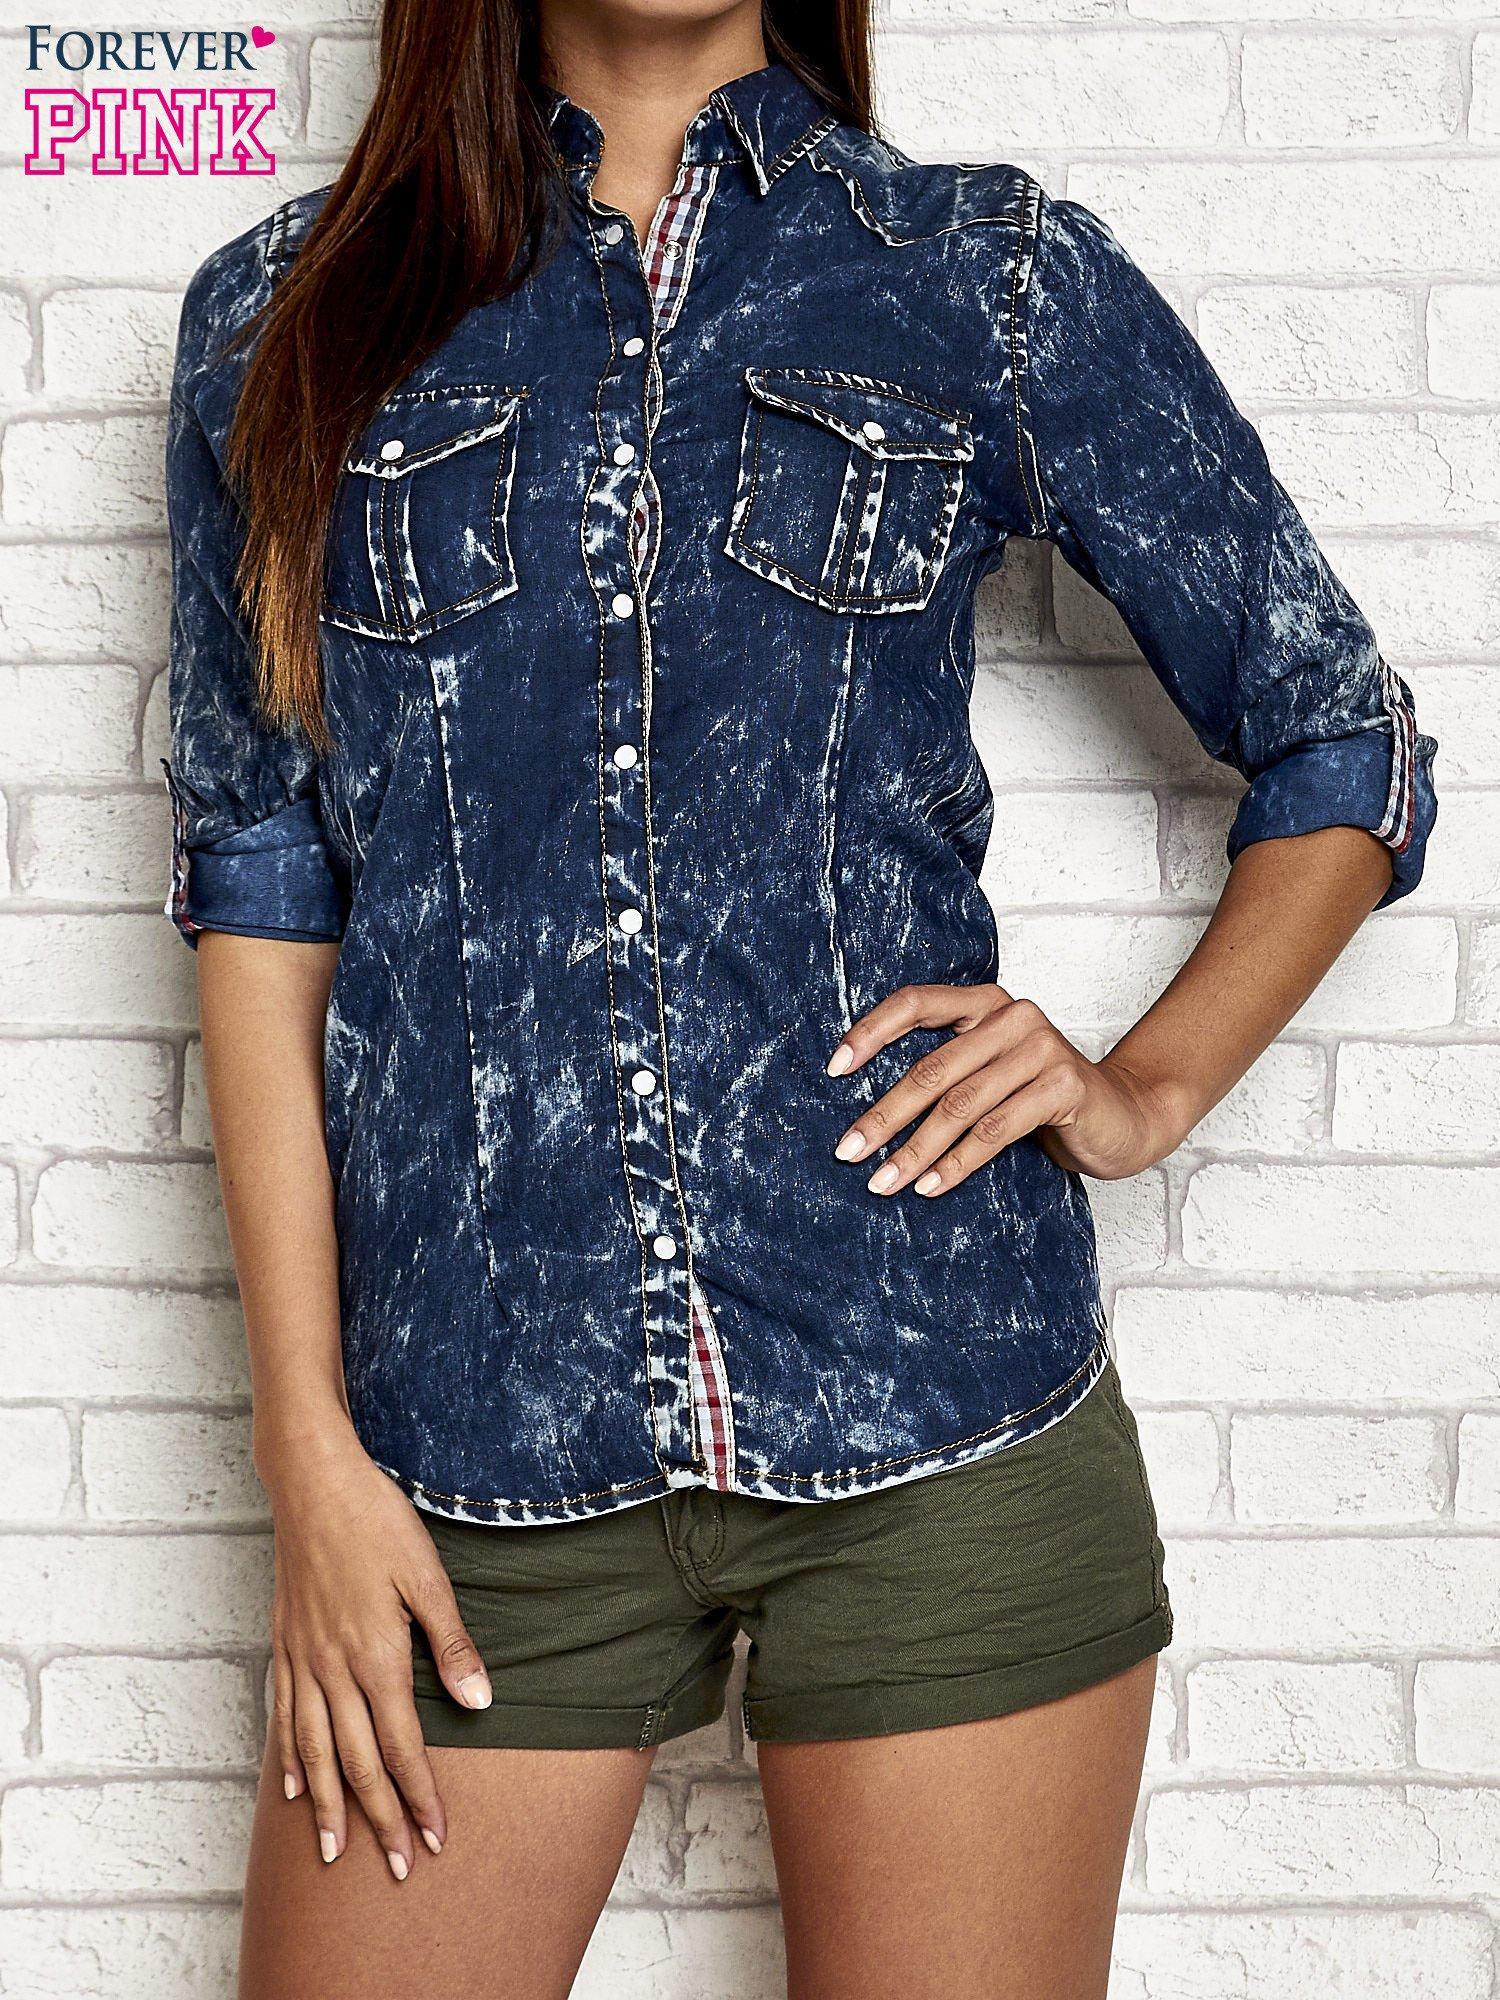 Granatowa dekatyzowana koszula jeansowa                                   zdj.                                  1